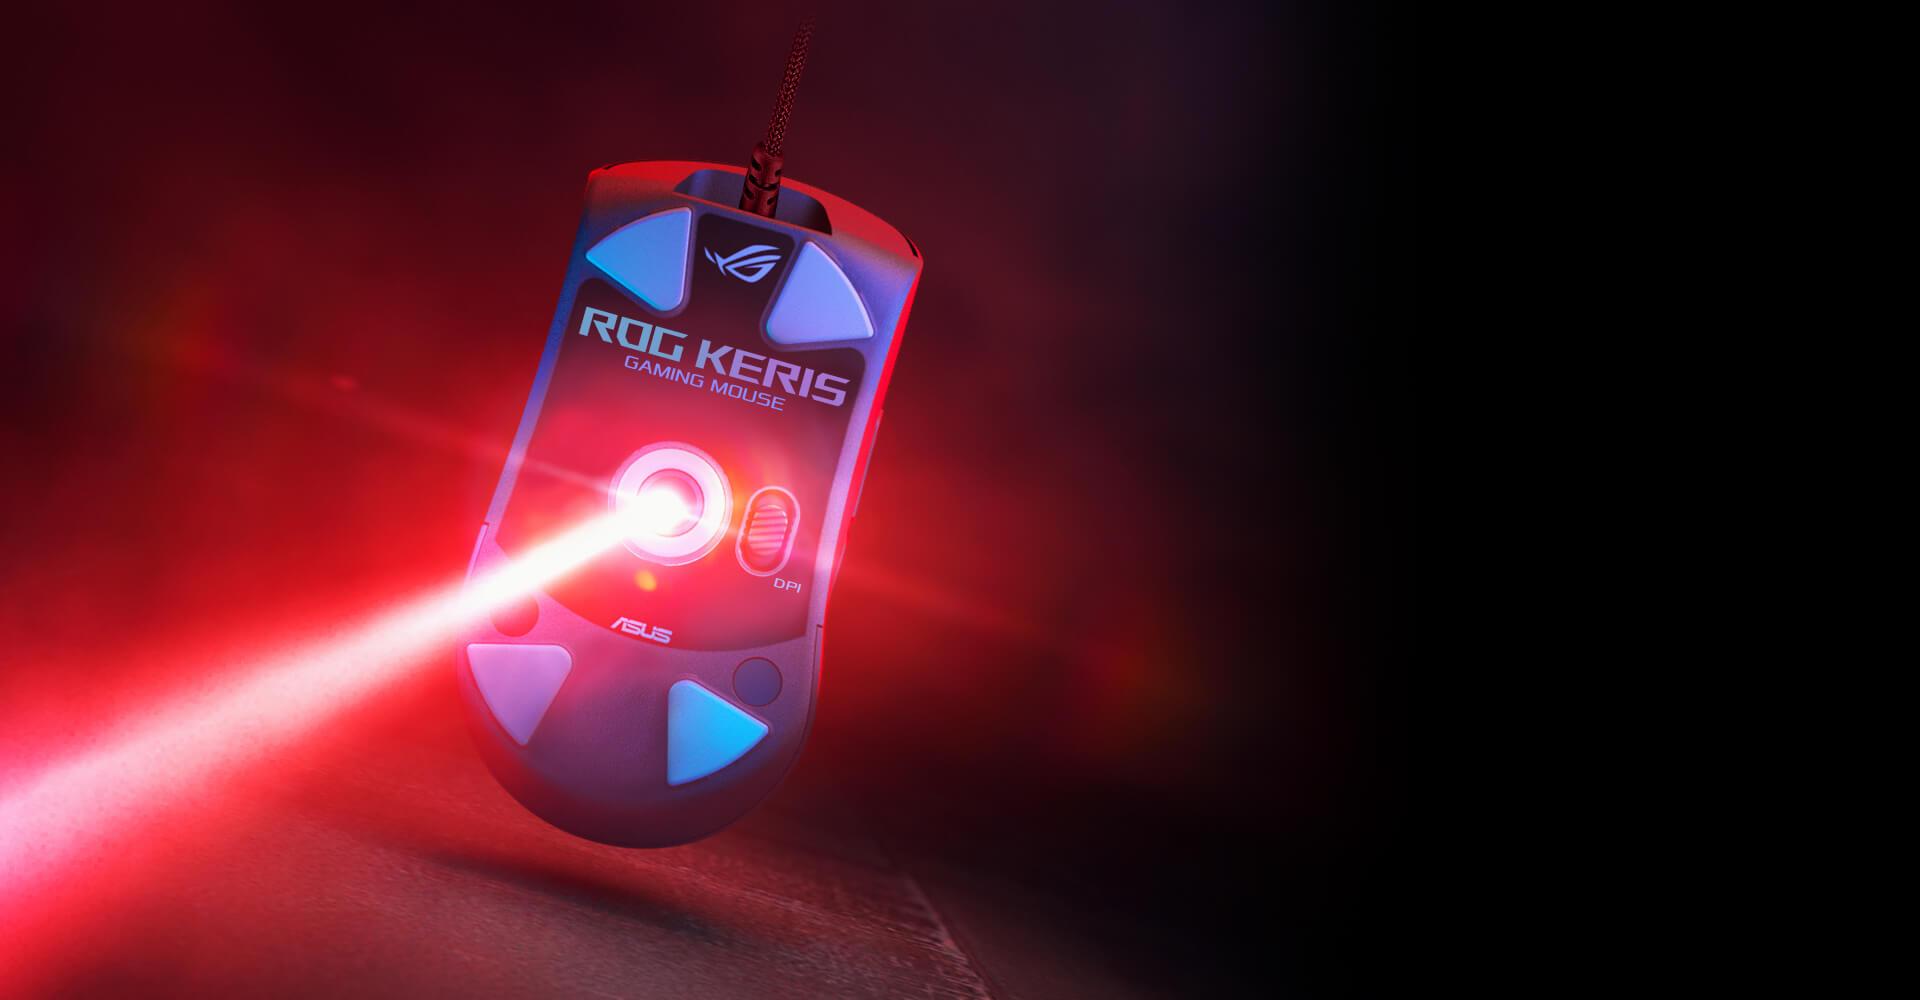 Chuột Asus ROG Keris (USB/RGB/màu đen) trang bị mắt cảm biến cao cấp